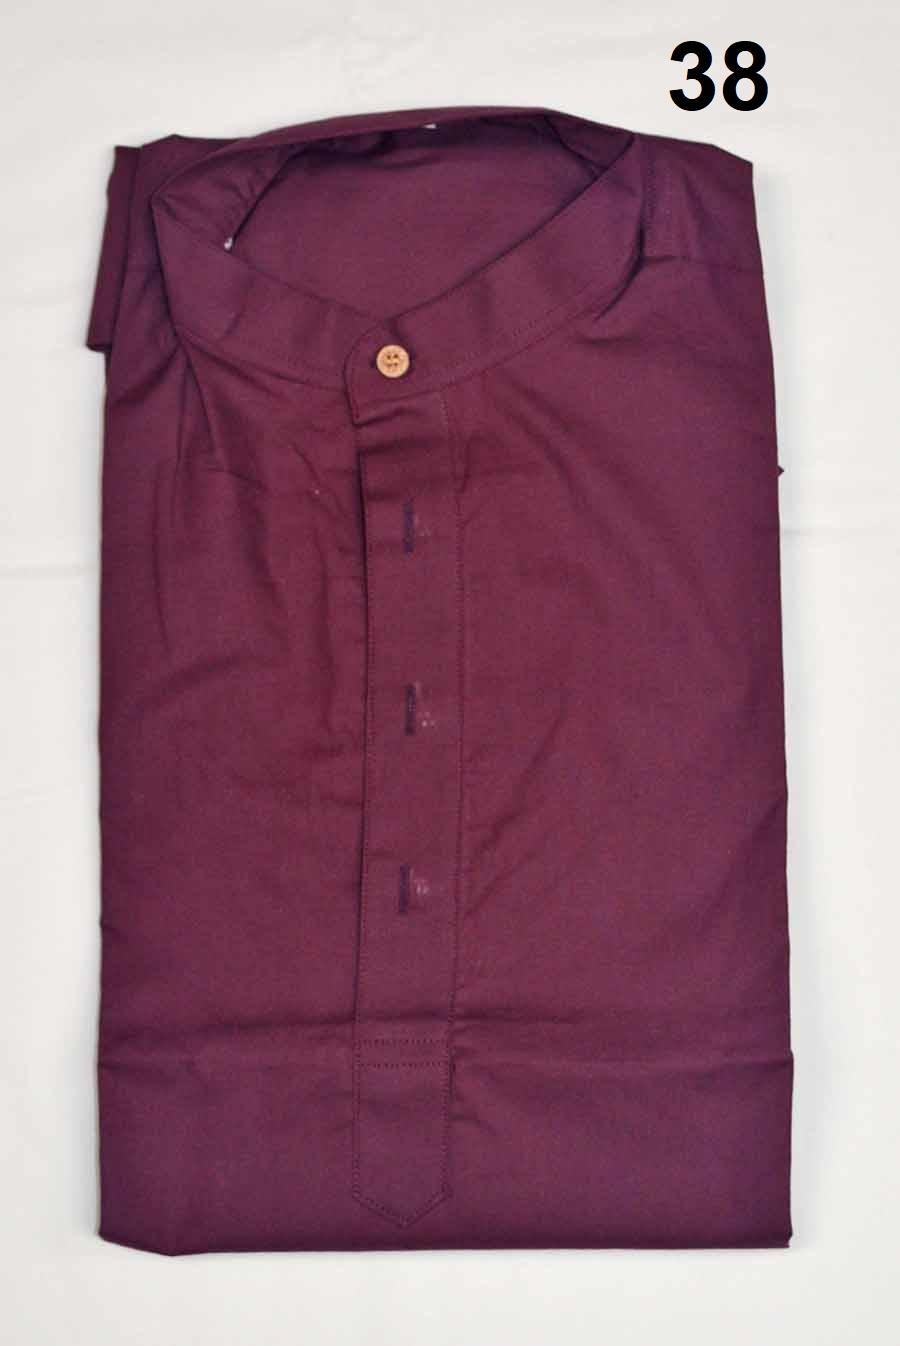 Cotton Kurta 9151 - 38